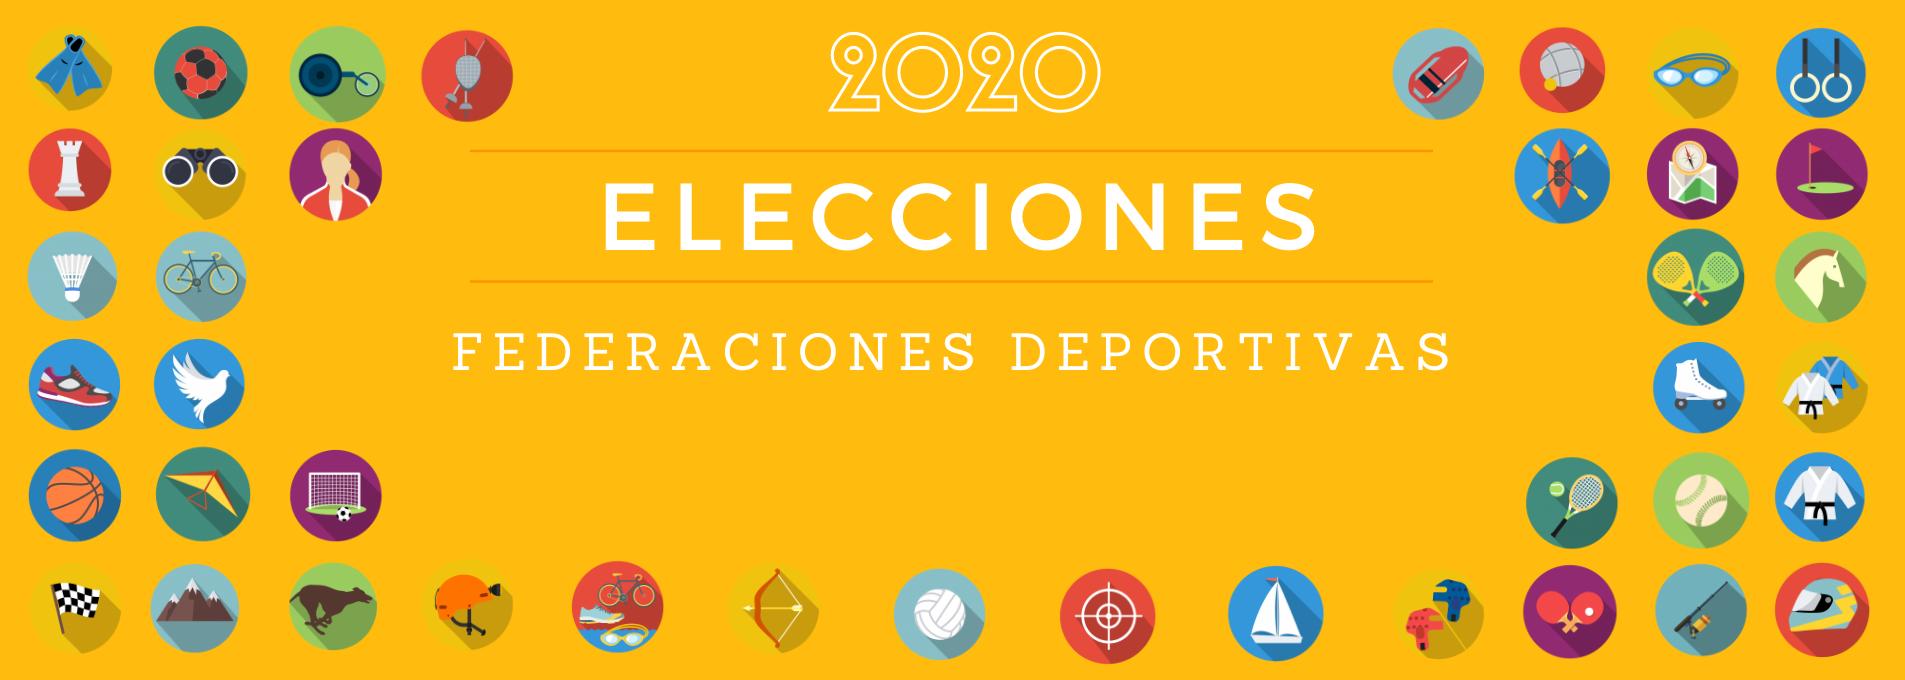 Procesos electorales federaciones deportivas